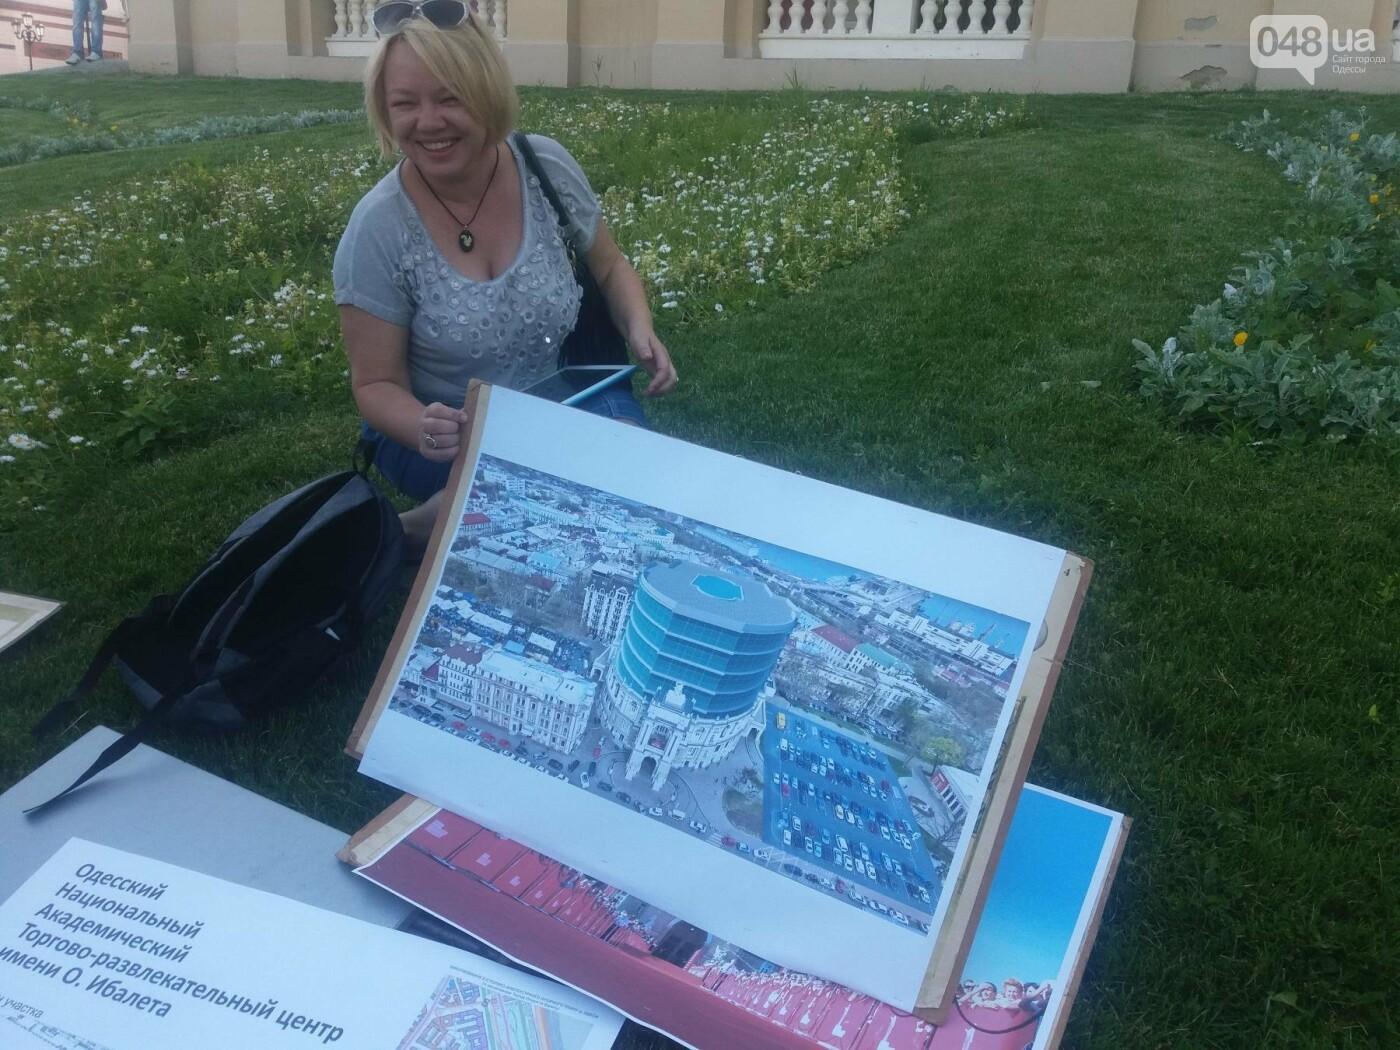 В Одессе требовали снести оперный театр и построить торговый центр, - ФОТО, ВИДЕО, фото-15